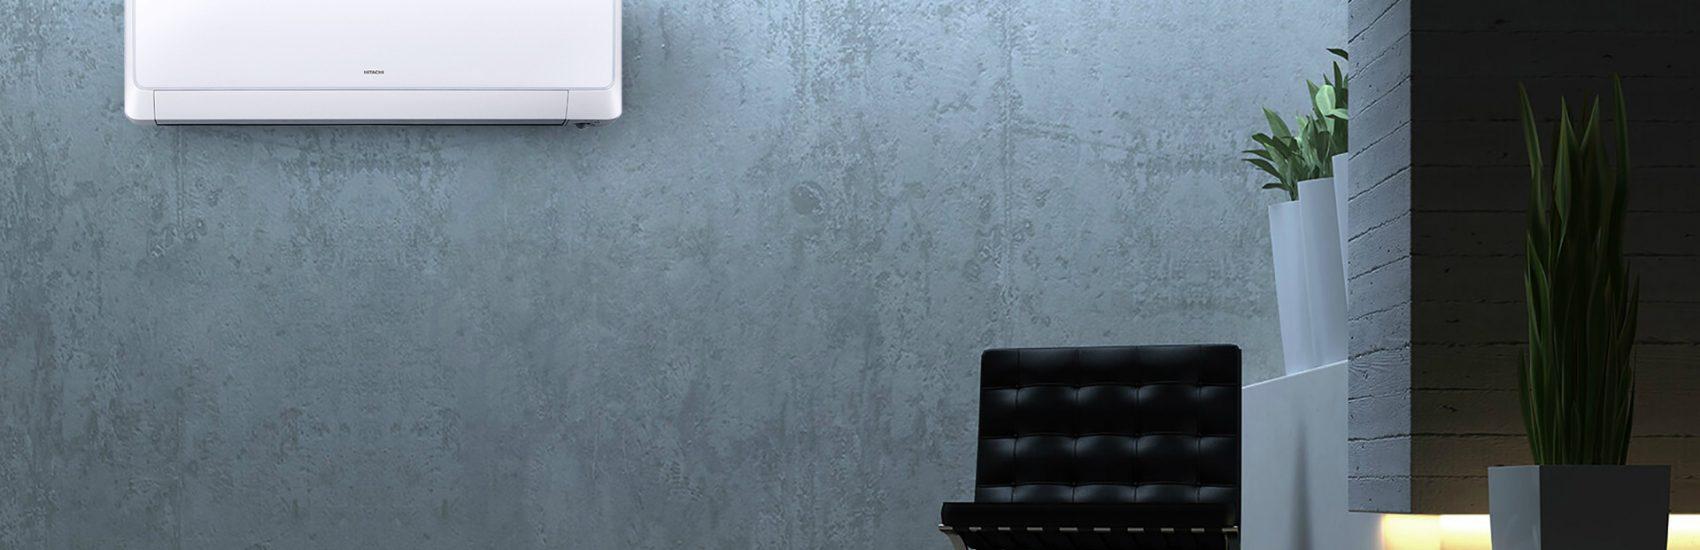 Installateur Climatisation Puy De Dome climatisation - installateur climatisation - puy de dôme